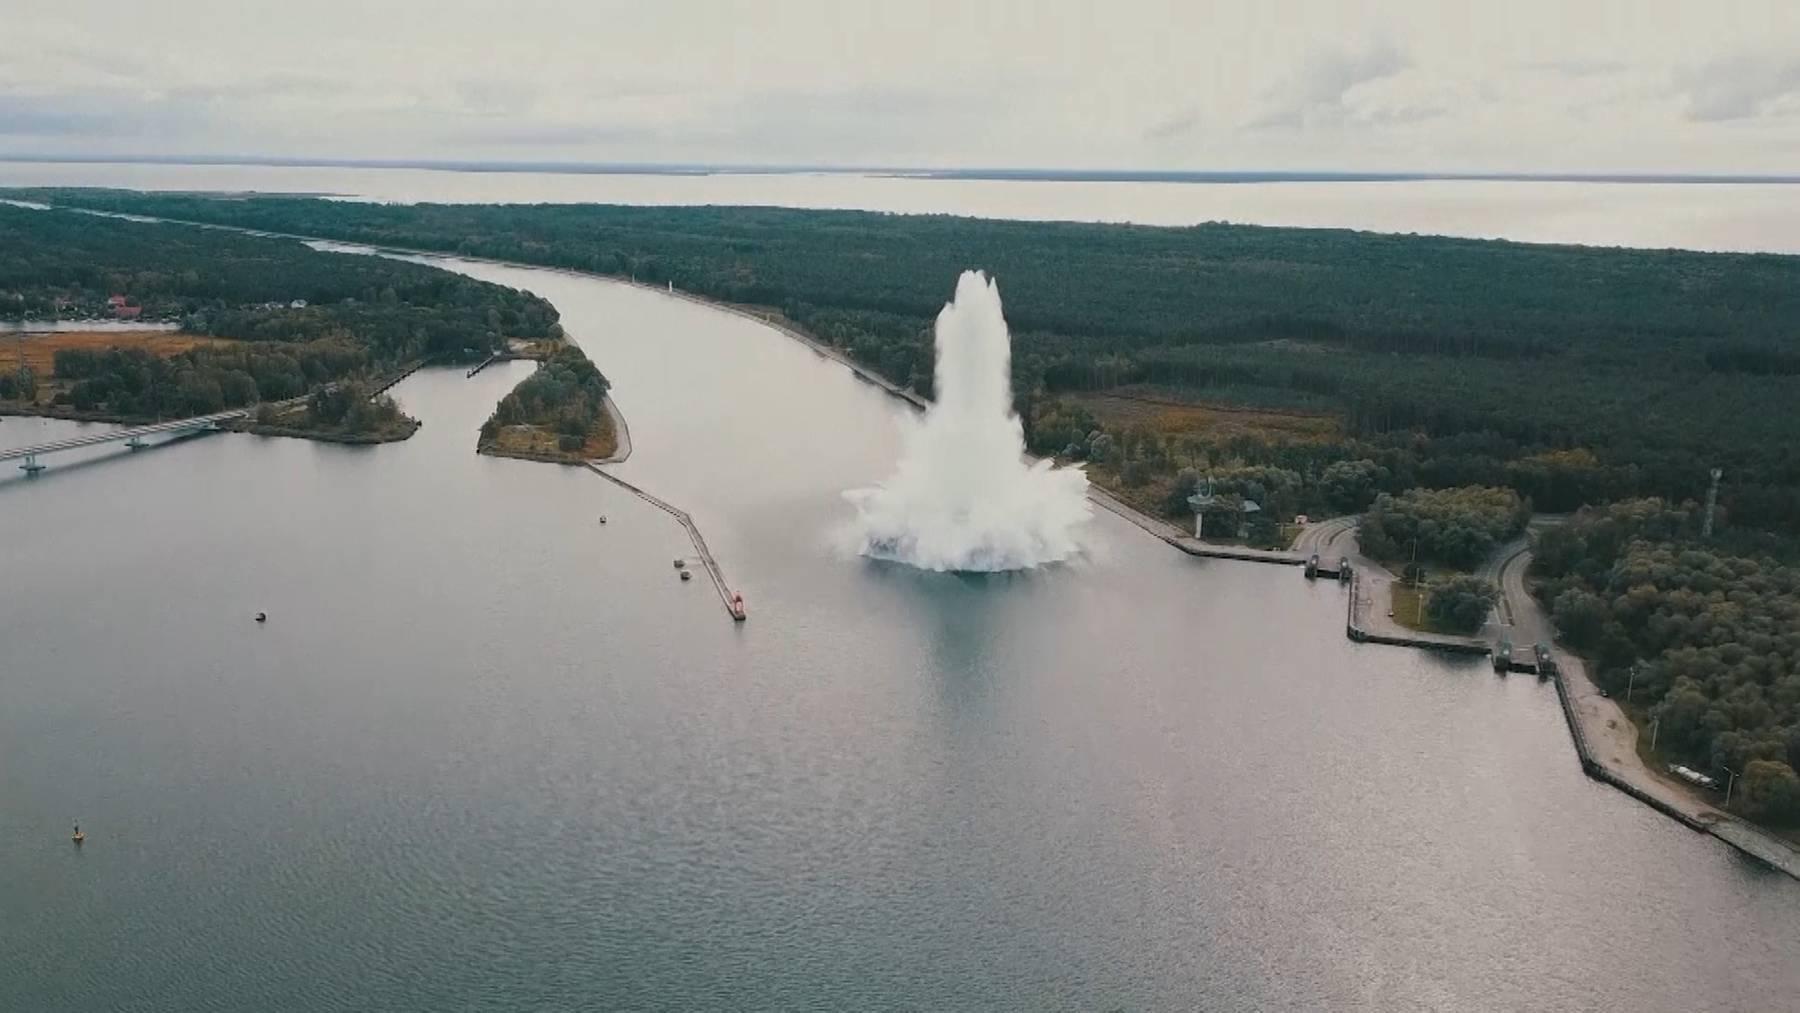 Die Fliegerbombe aus dem Zweiten Weltkrieg wurde kontrolliert gesprengt.